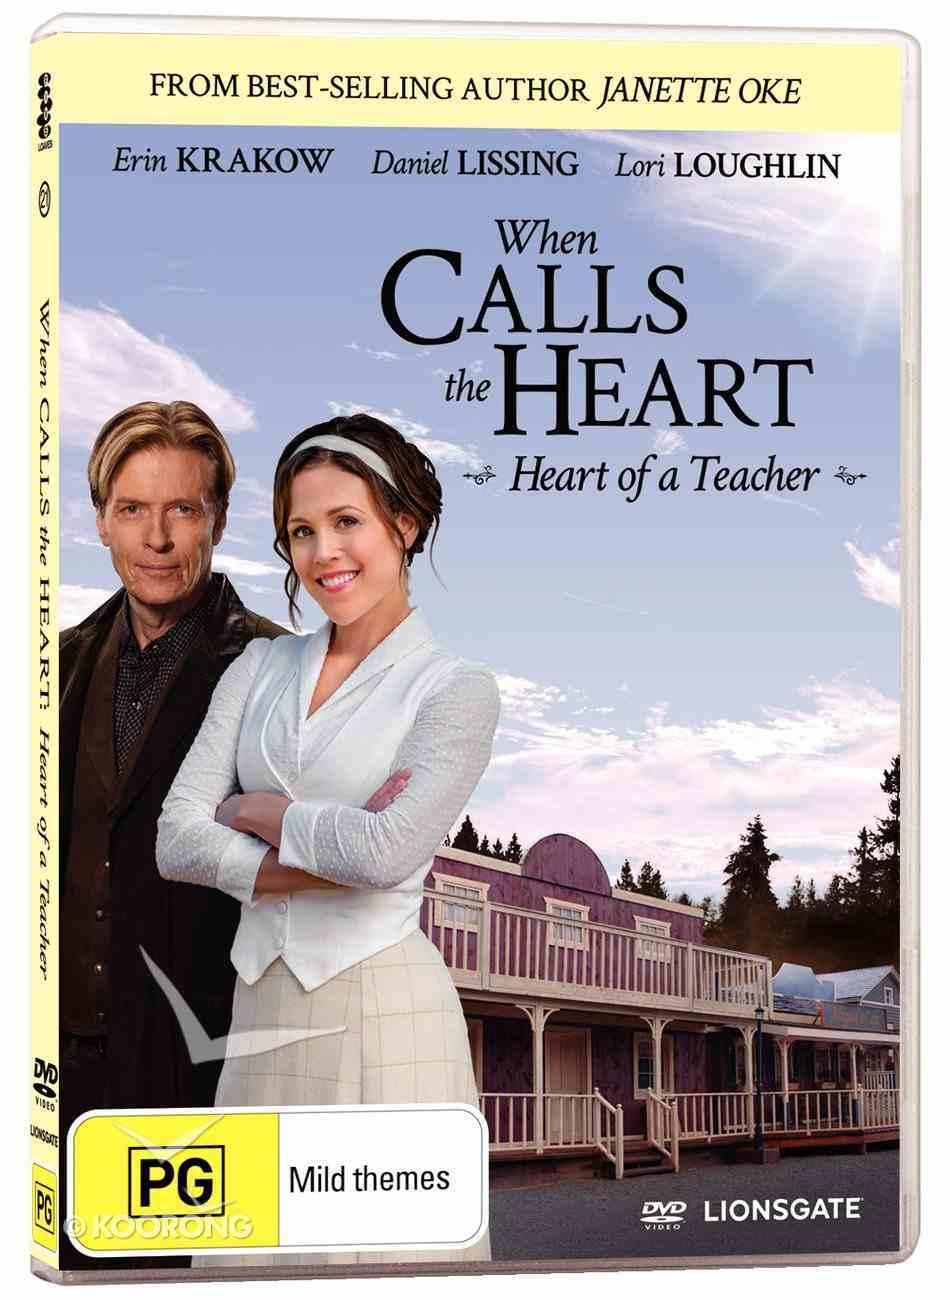 When Calls the Heart #21: Heart of a Teacher DVD